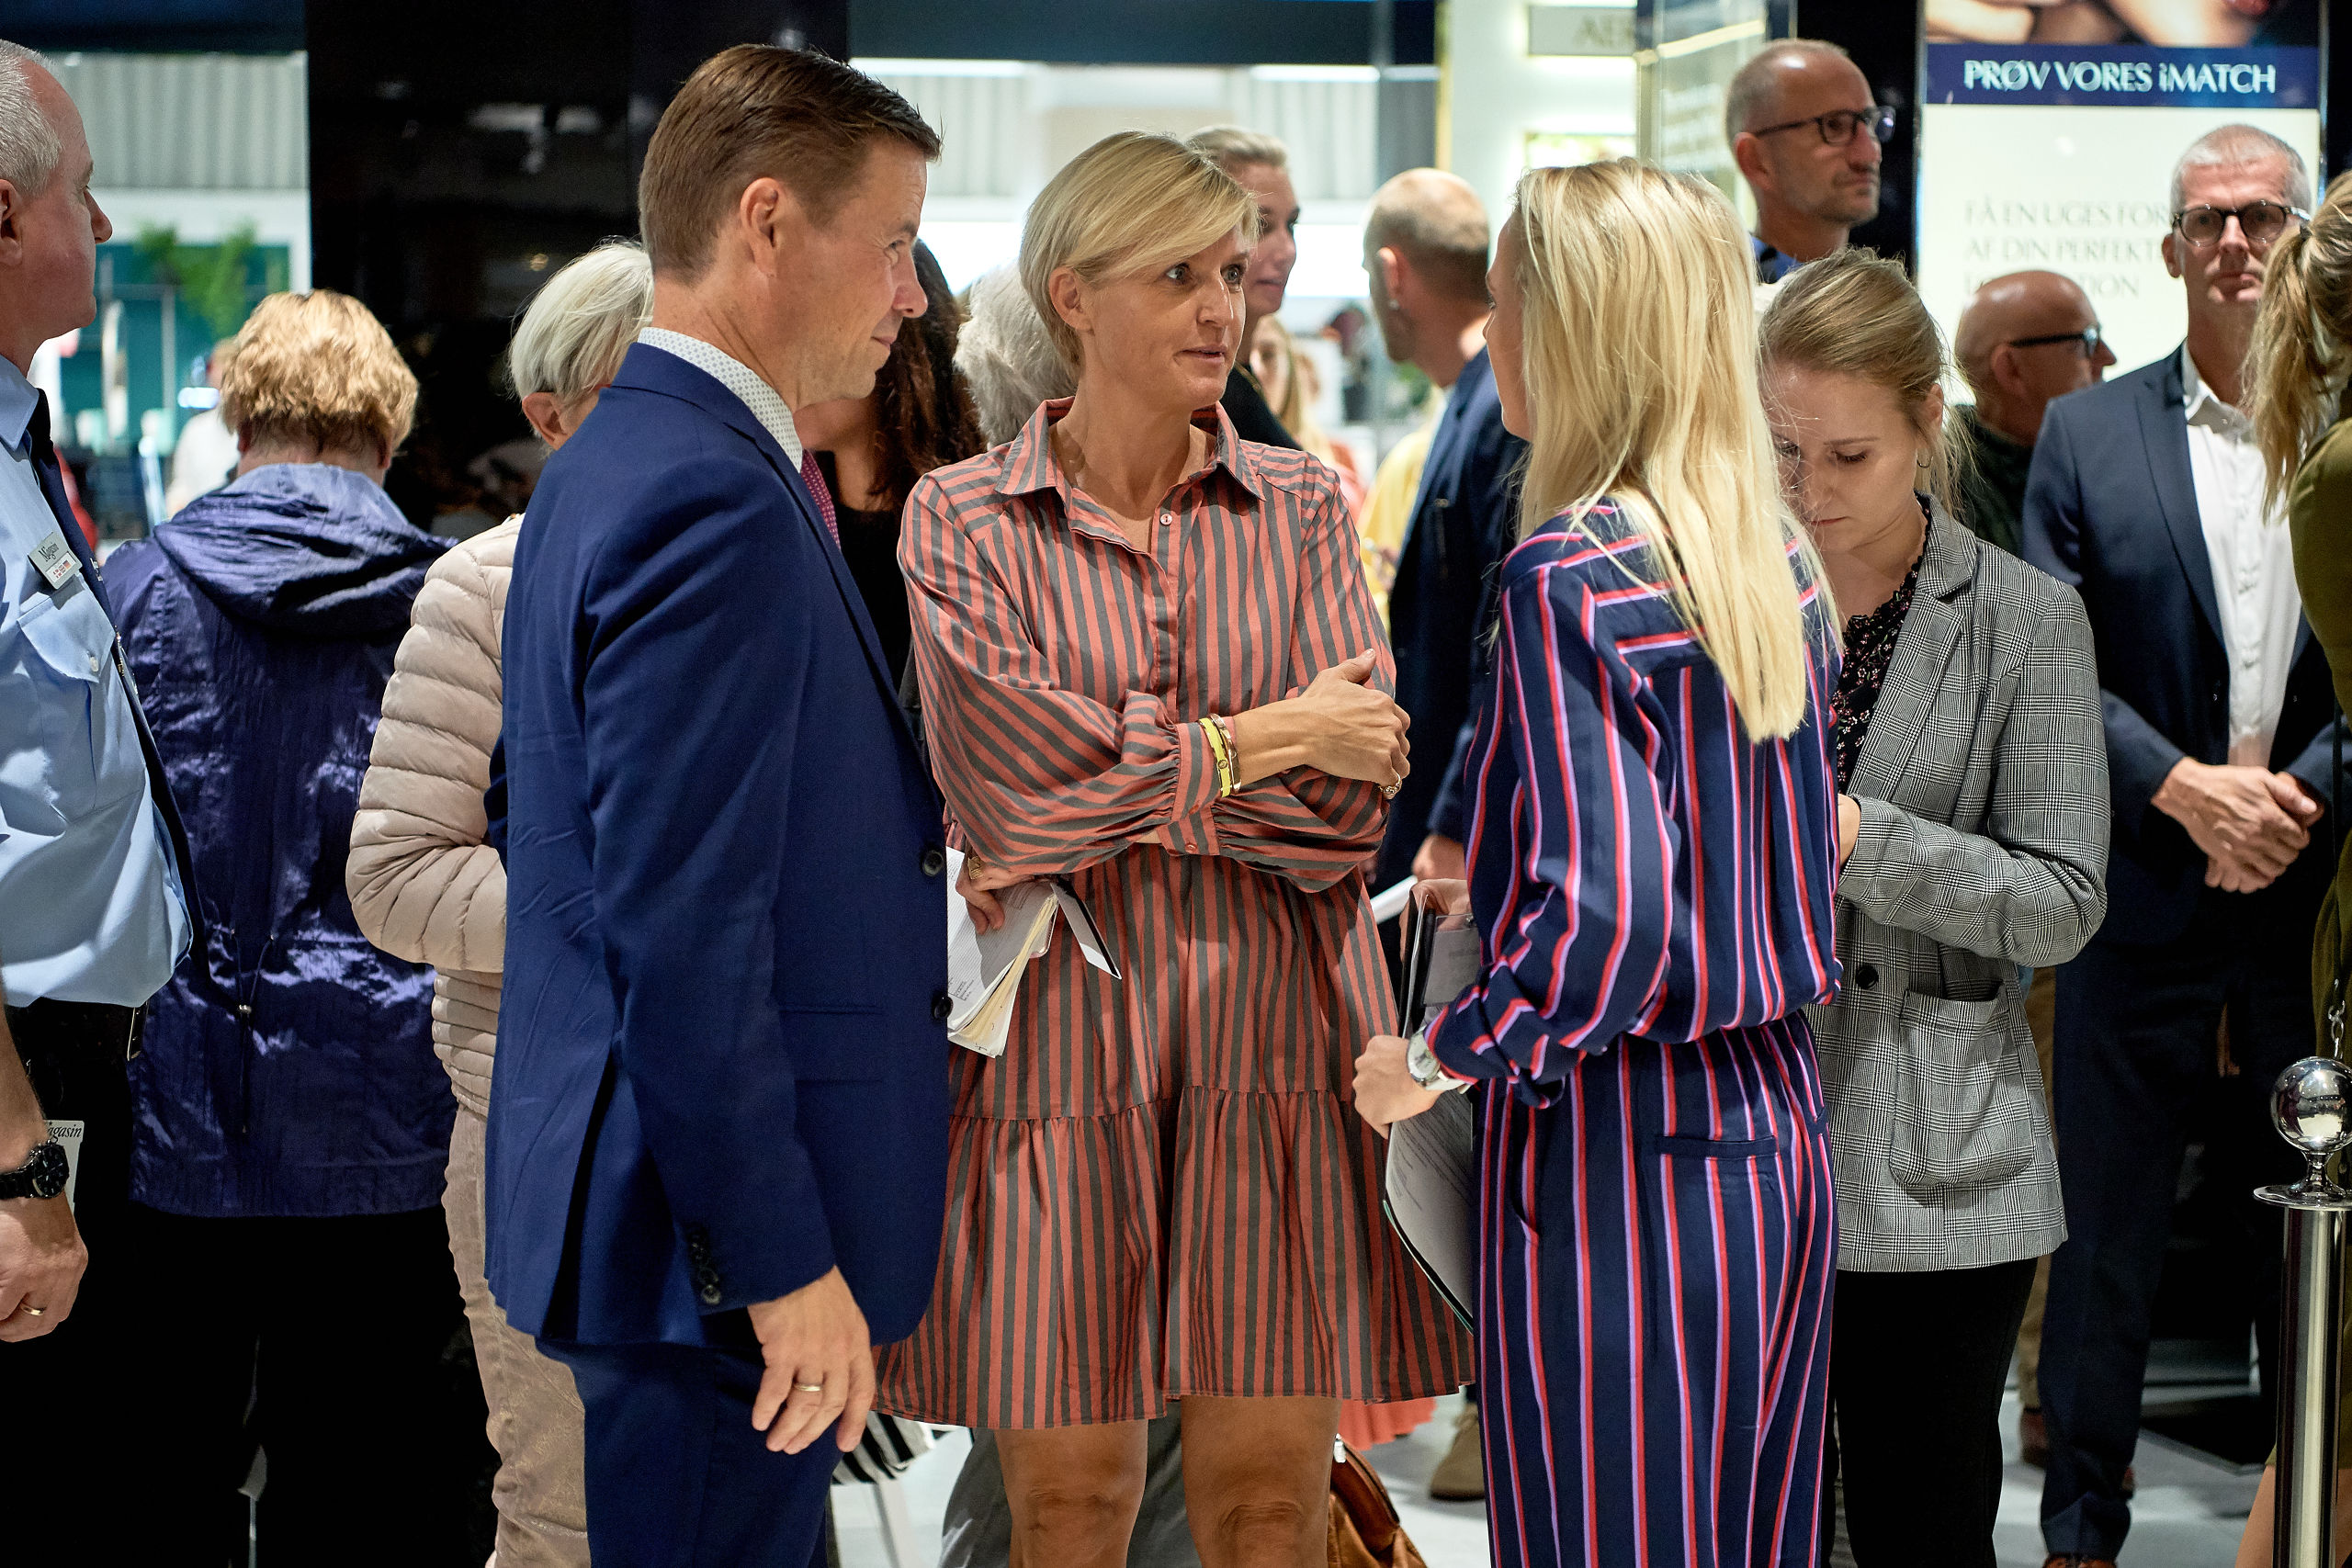 Borgmester Thomas Kastrup-Larsen fik en snak med nogle af de ansatte.